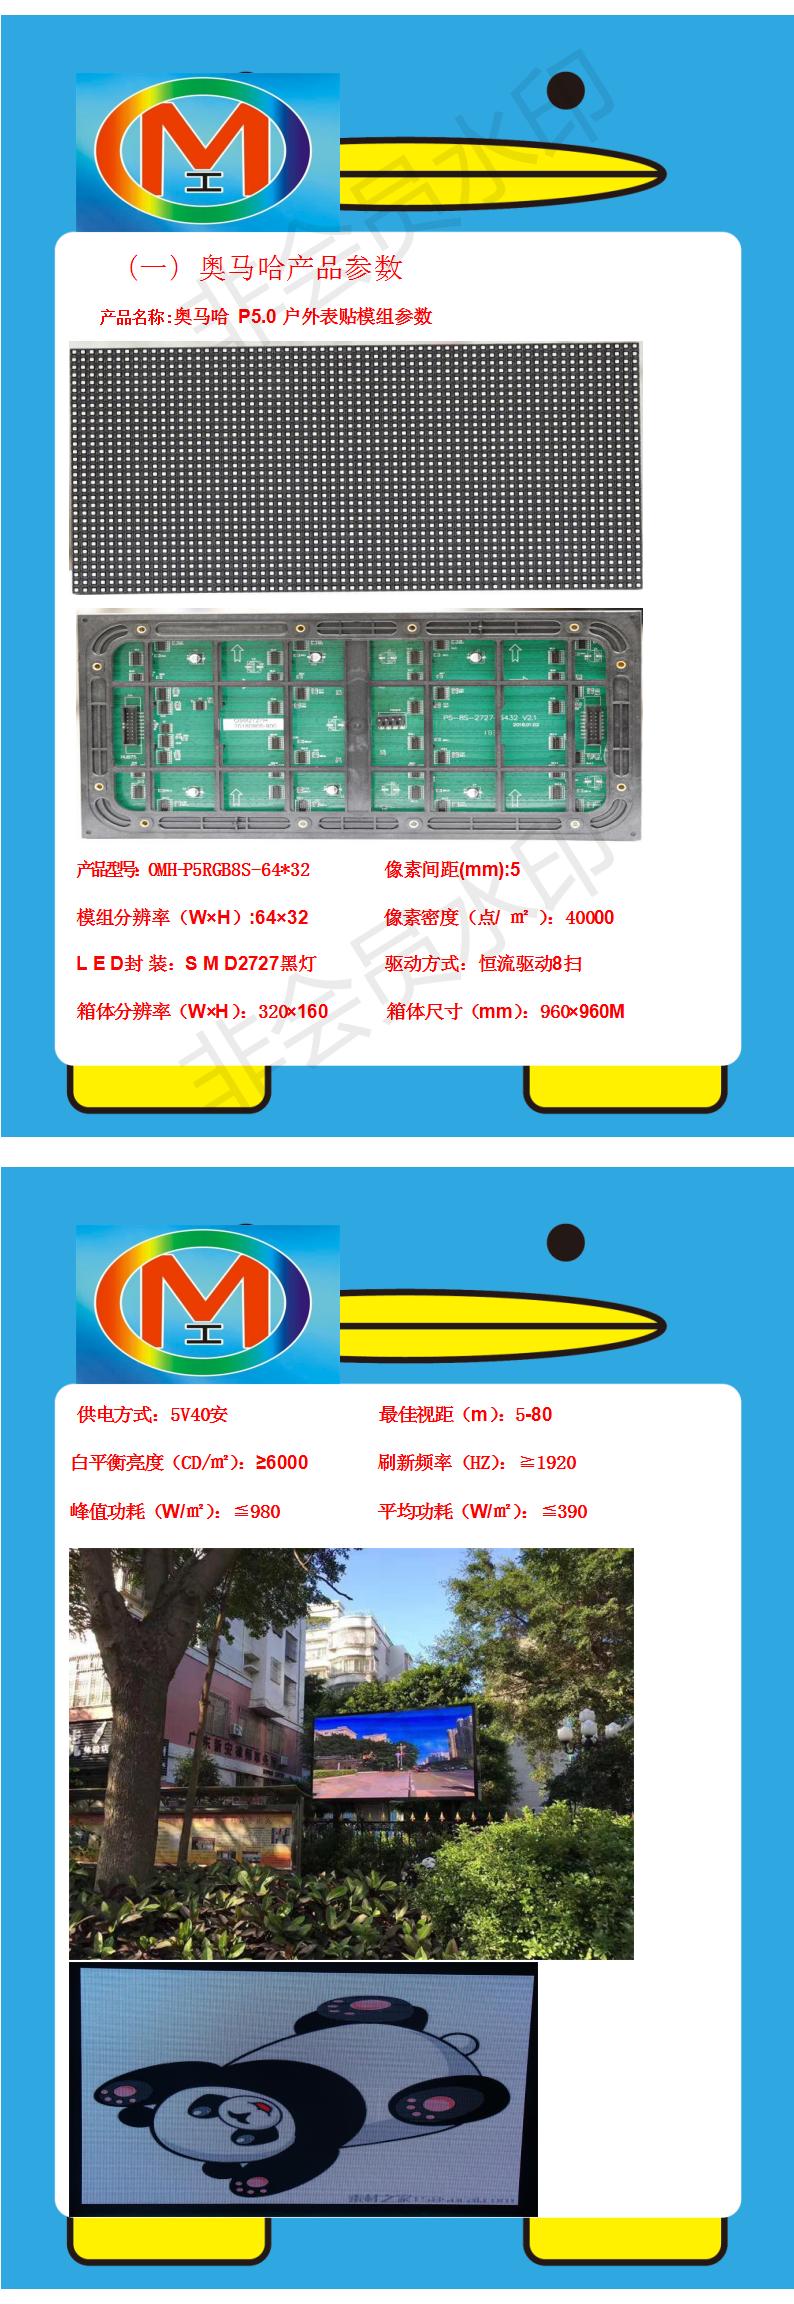 河源市东源县公园LED户外显示屏专用P5简易箱体(奥马哈)